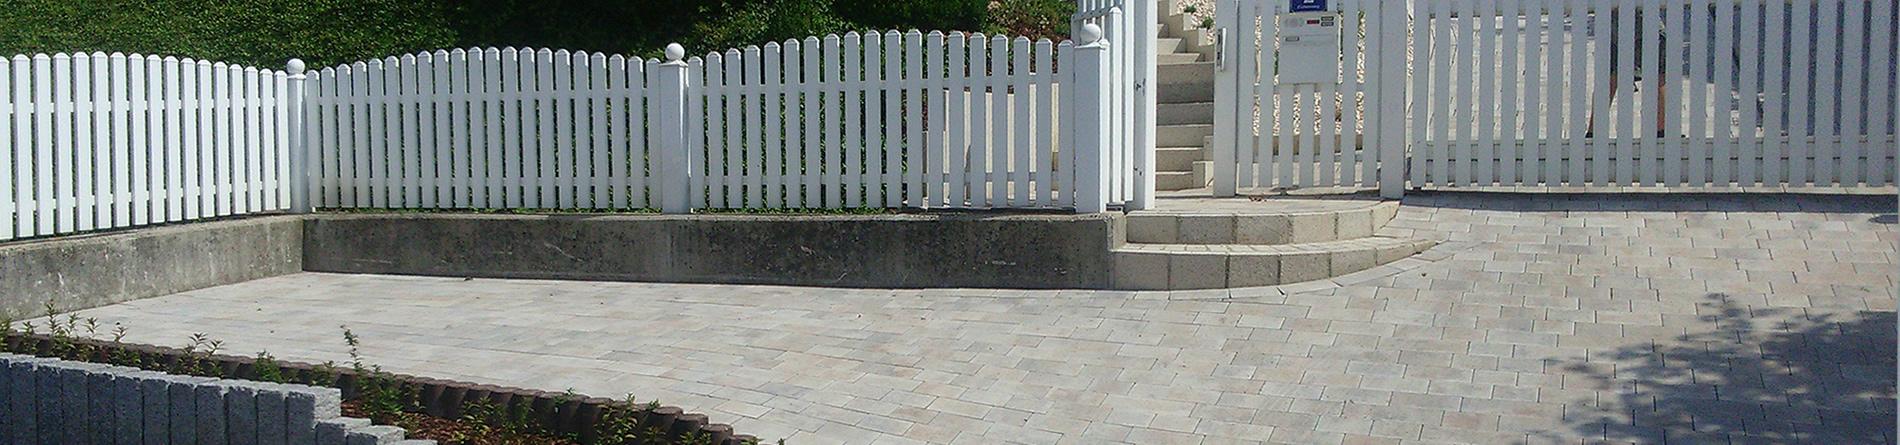 Parkplatz aus Granitbordsteinen